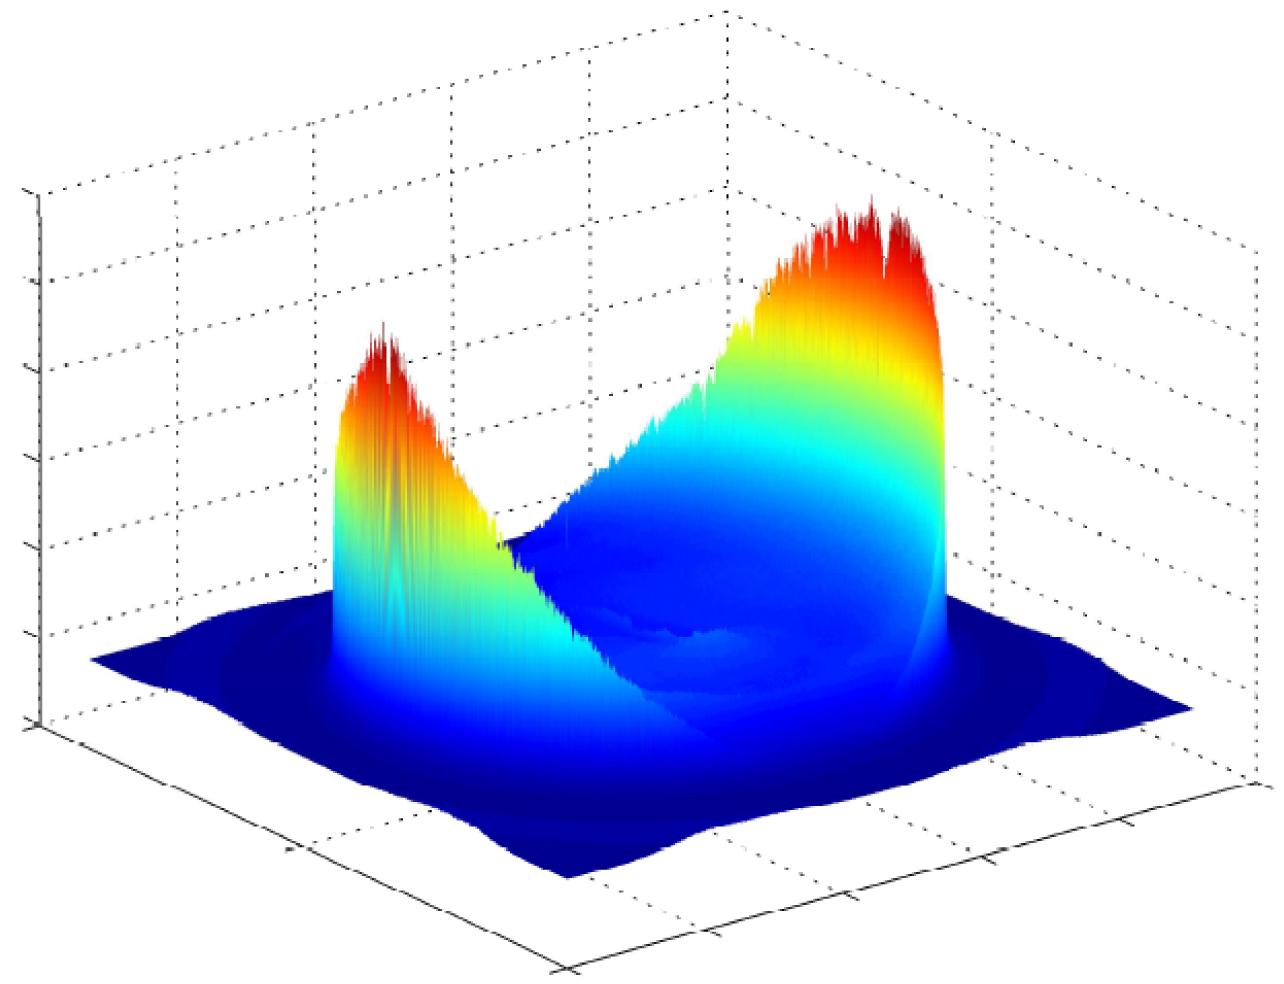 По подобным экспериментальным трёхмерным спектрограммам, которые показ...